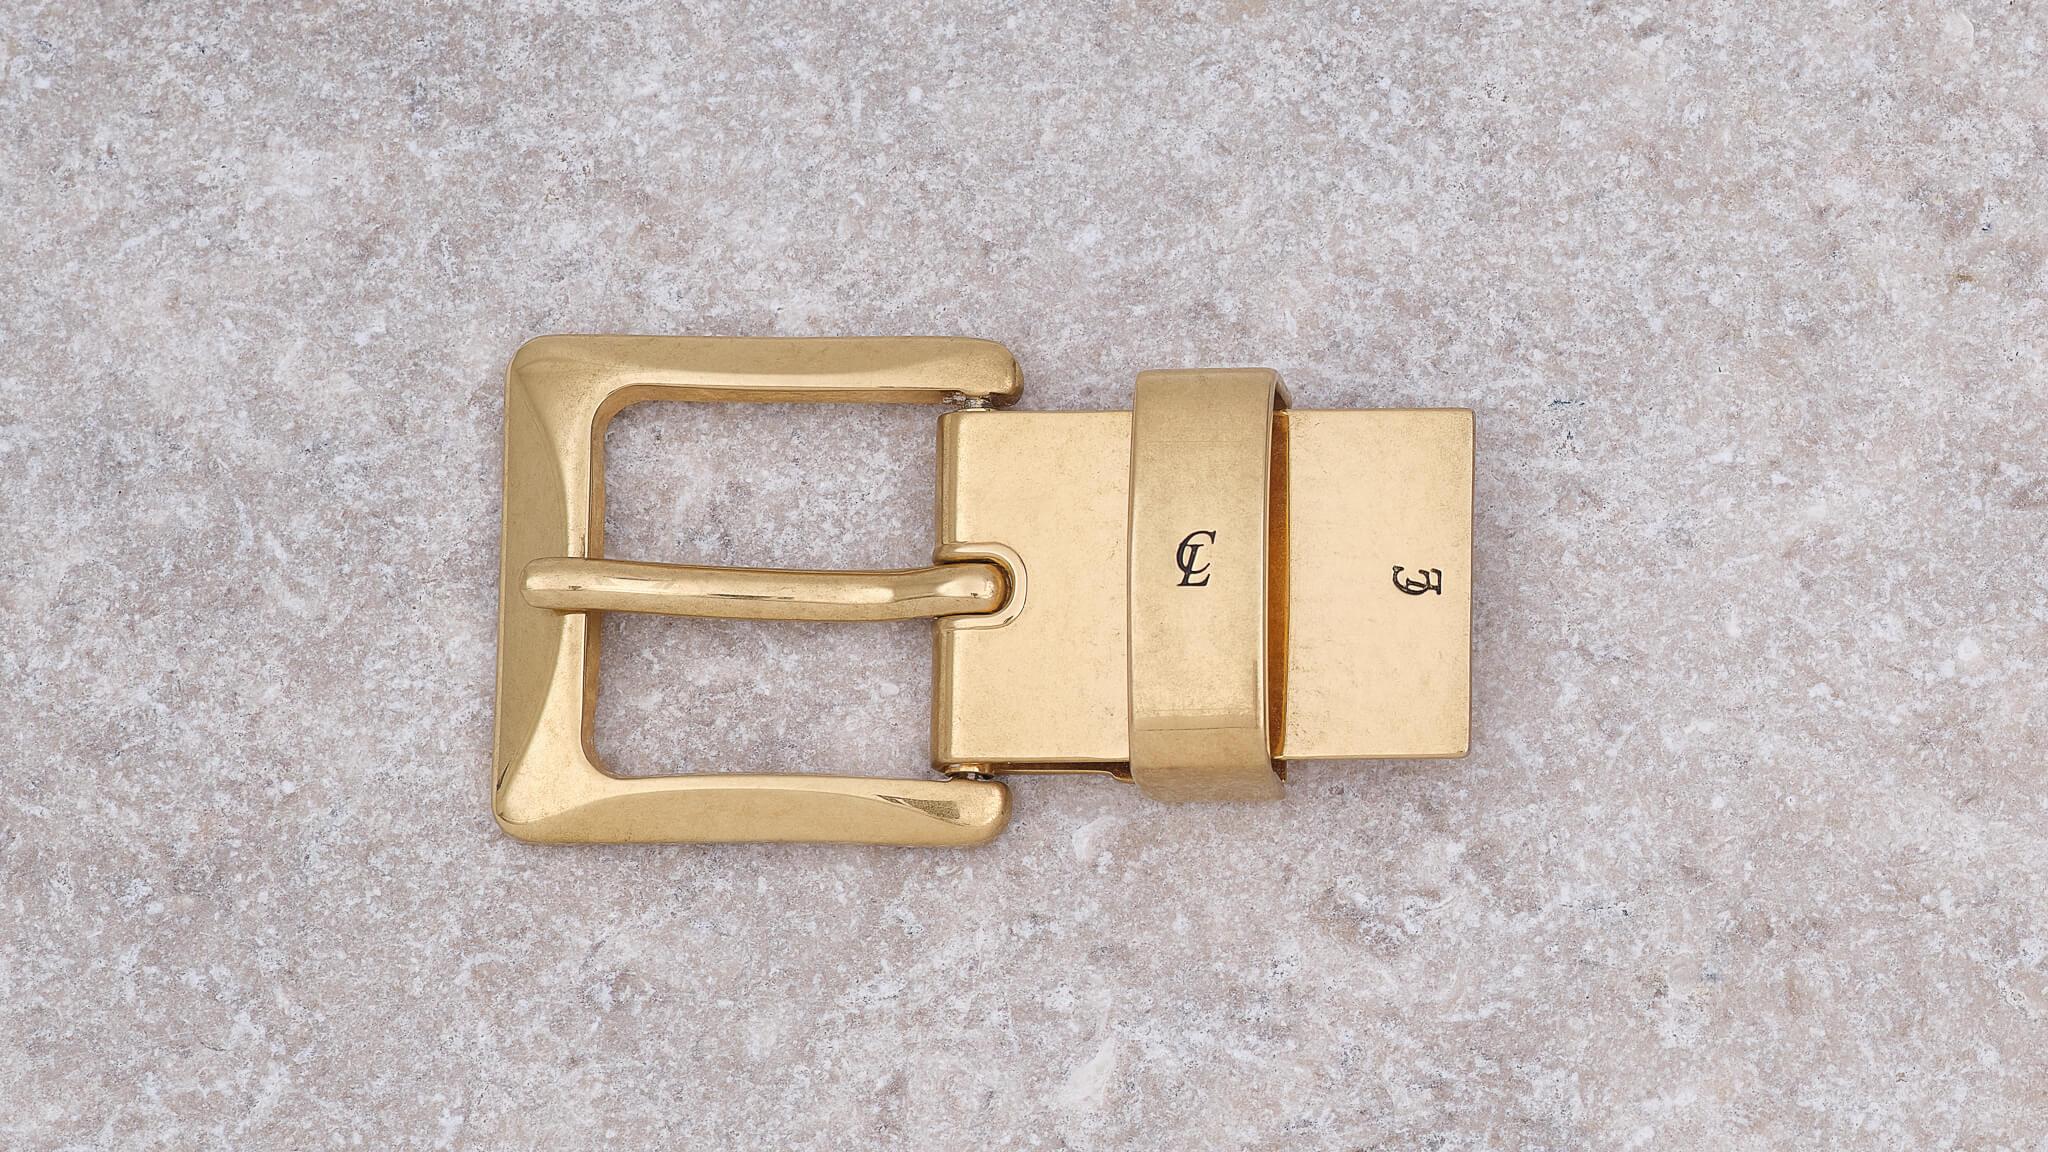 Wendegürtel No. 530 Antique Gold